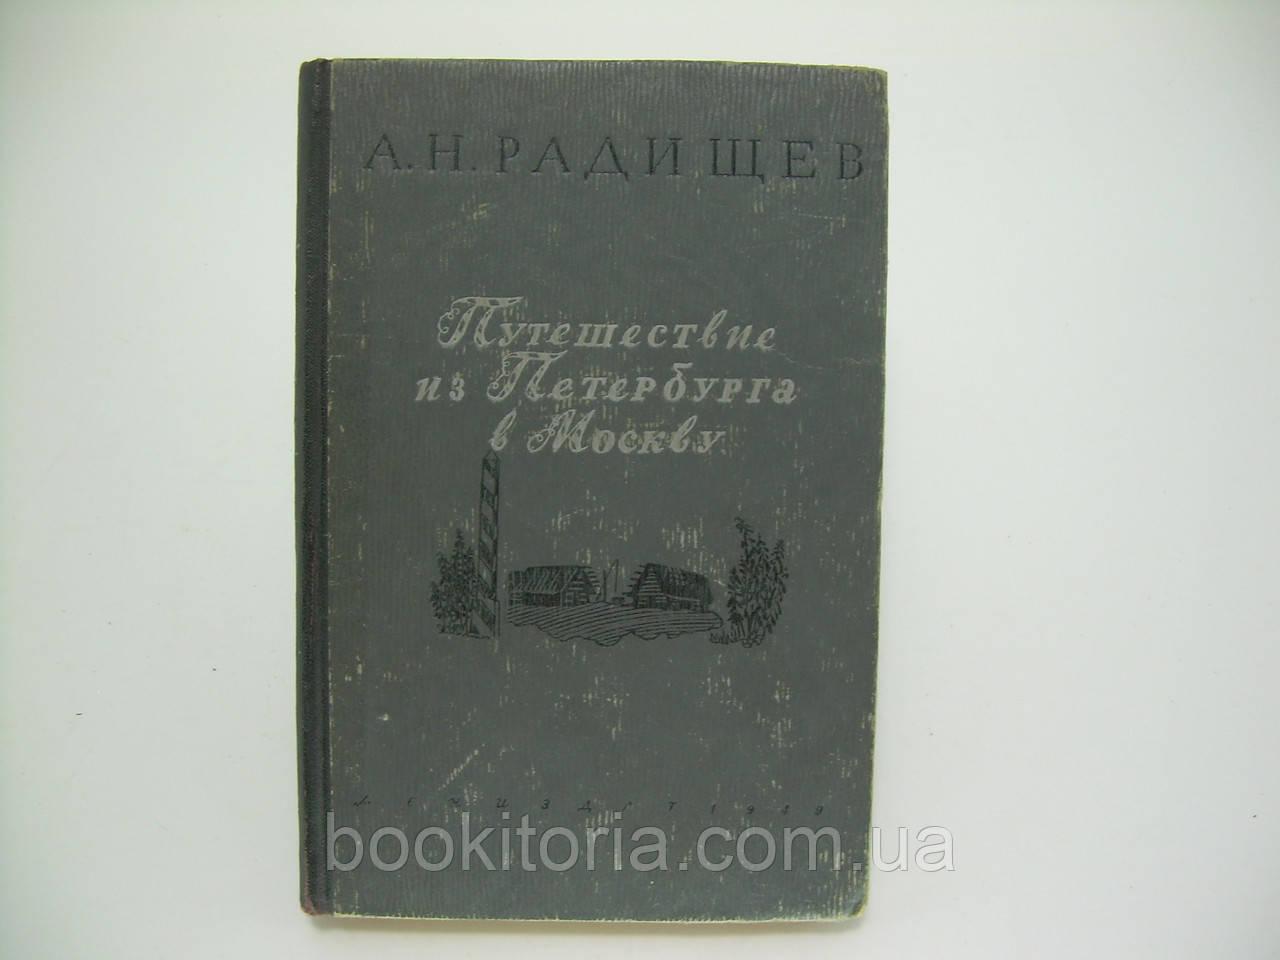 Радищев А.Н. Путешествие из Петербурга в Москву (б/у).